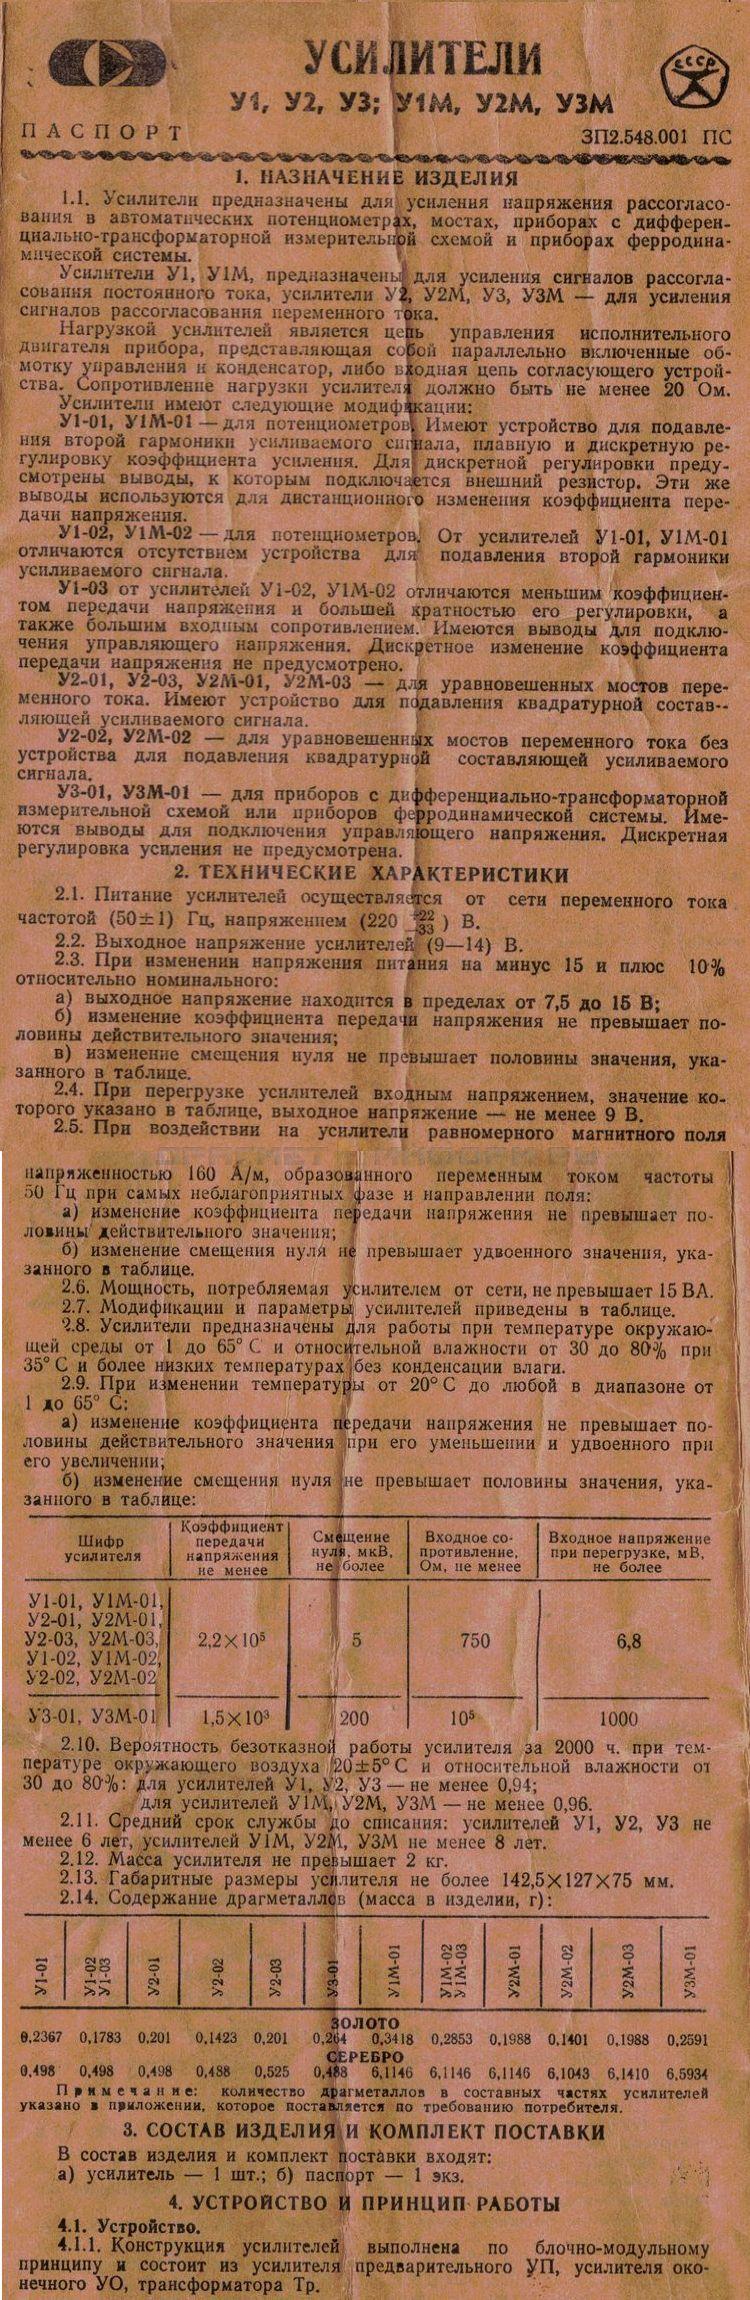 Формуляр У2-03